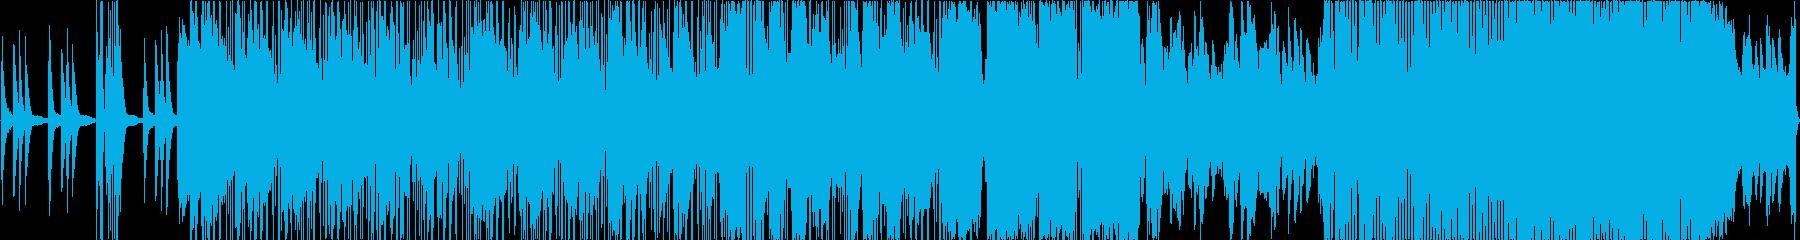 かっこいいオープニング的なエレクトロニカの再生済みの波形